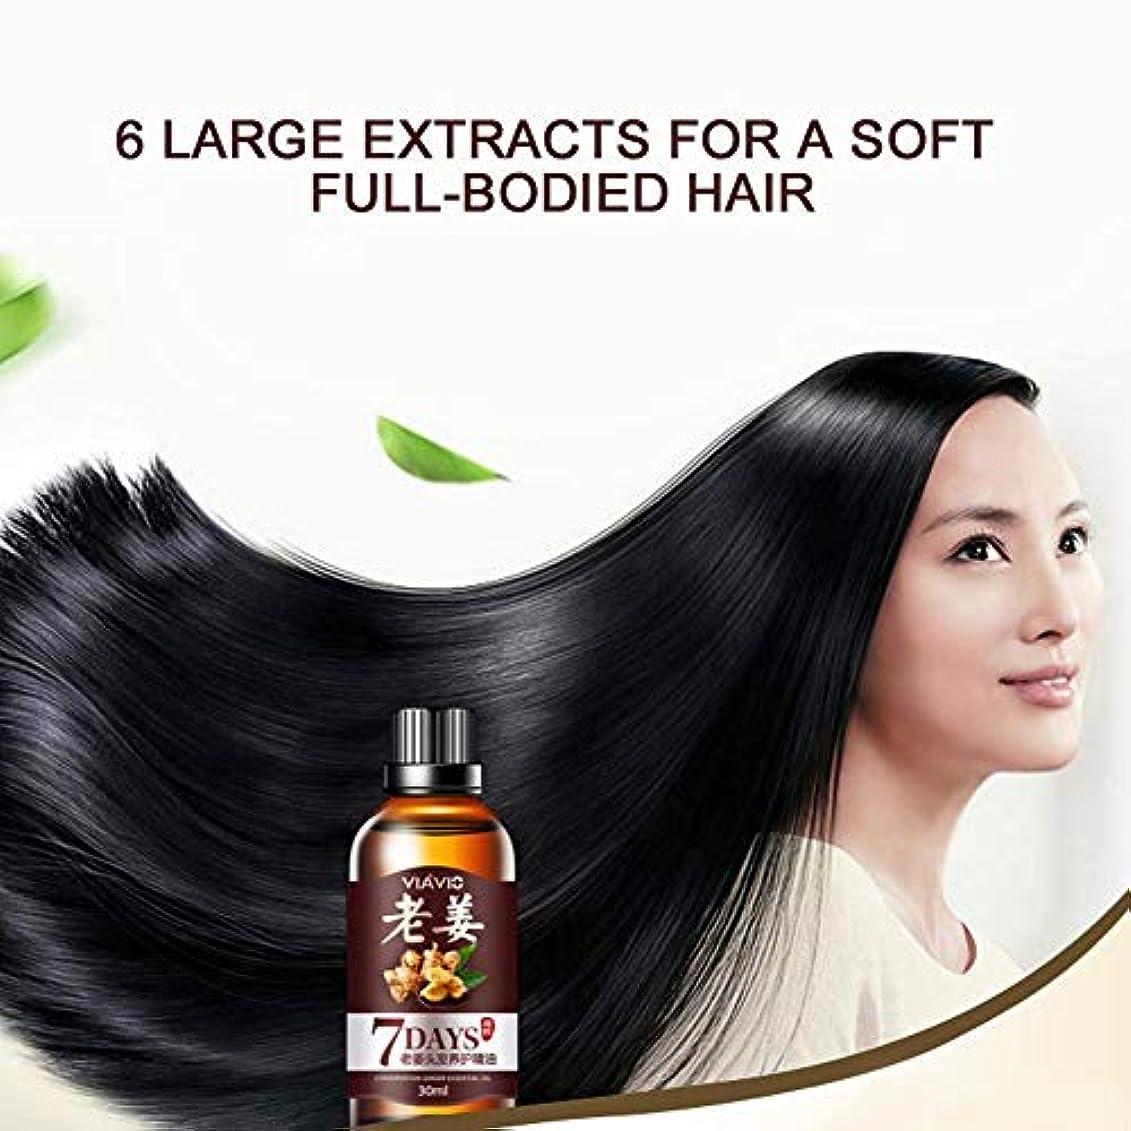 イデオロギーエゴイズム矛盾BETTER YOU (ベター ュー) 育毛剤 抜け毛防止する 髪の量と密度を増やす